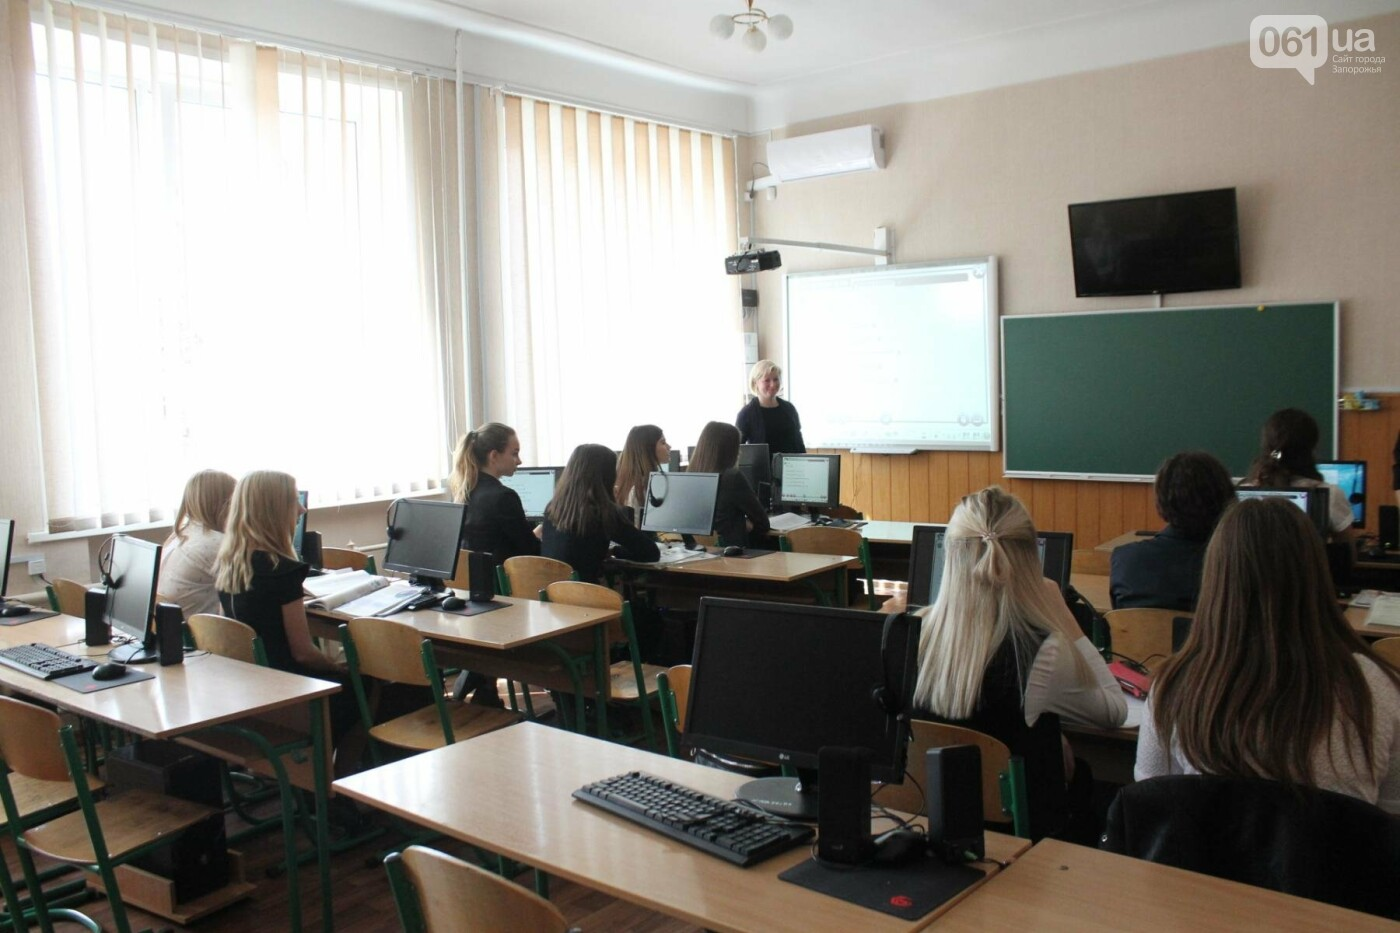 Одна из лучших школ Запорожья получила помощь от народного депутата Петра Сабашука: в гимназии №11 купили новую технику для нескольких каби..., фото-7